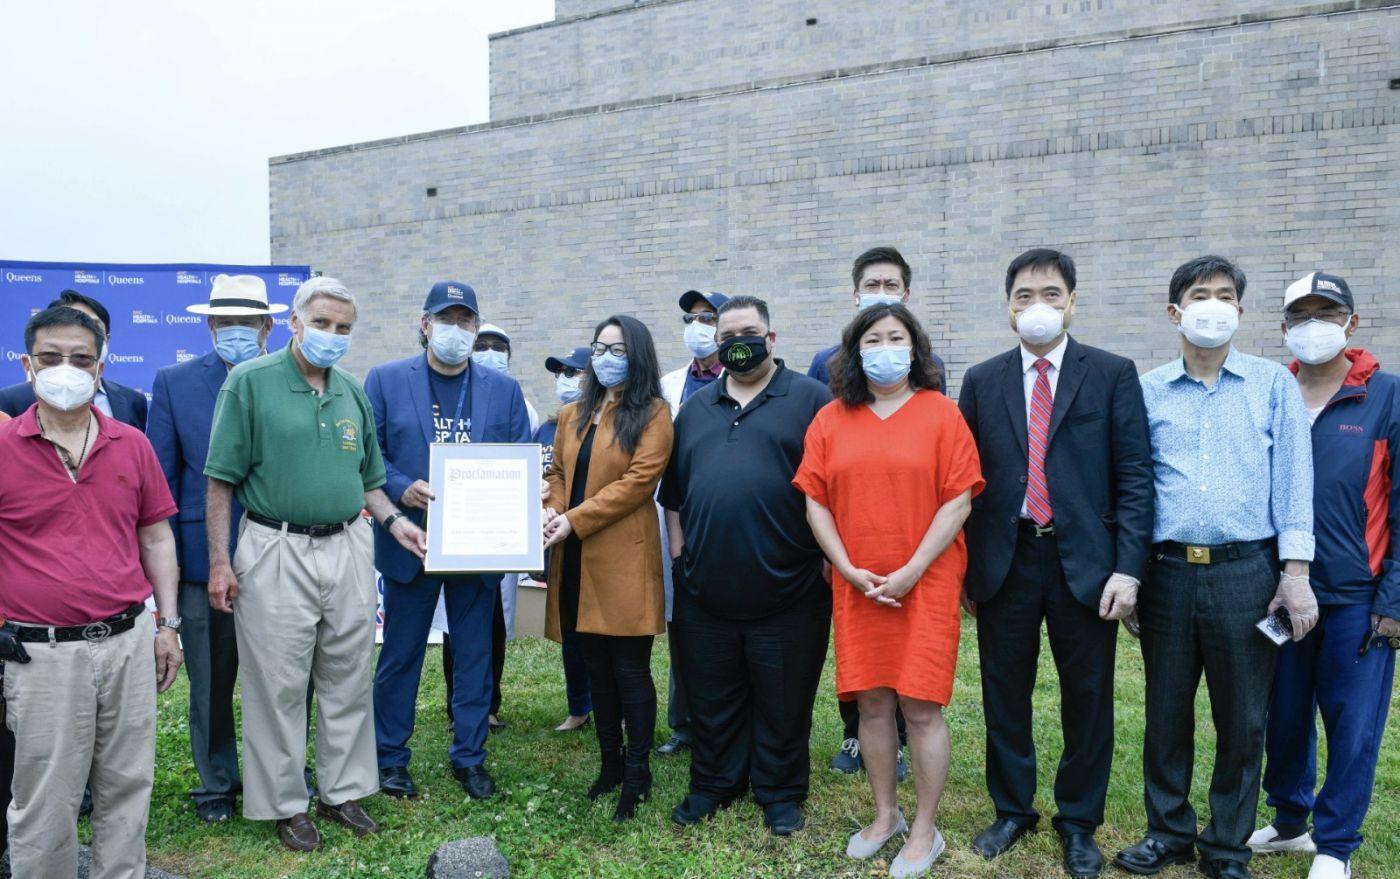 华人企业家与福建侨团向皇后区中心医院捐赠医疗物资_图1-4